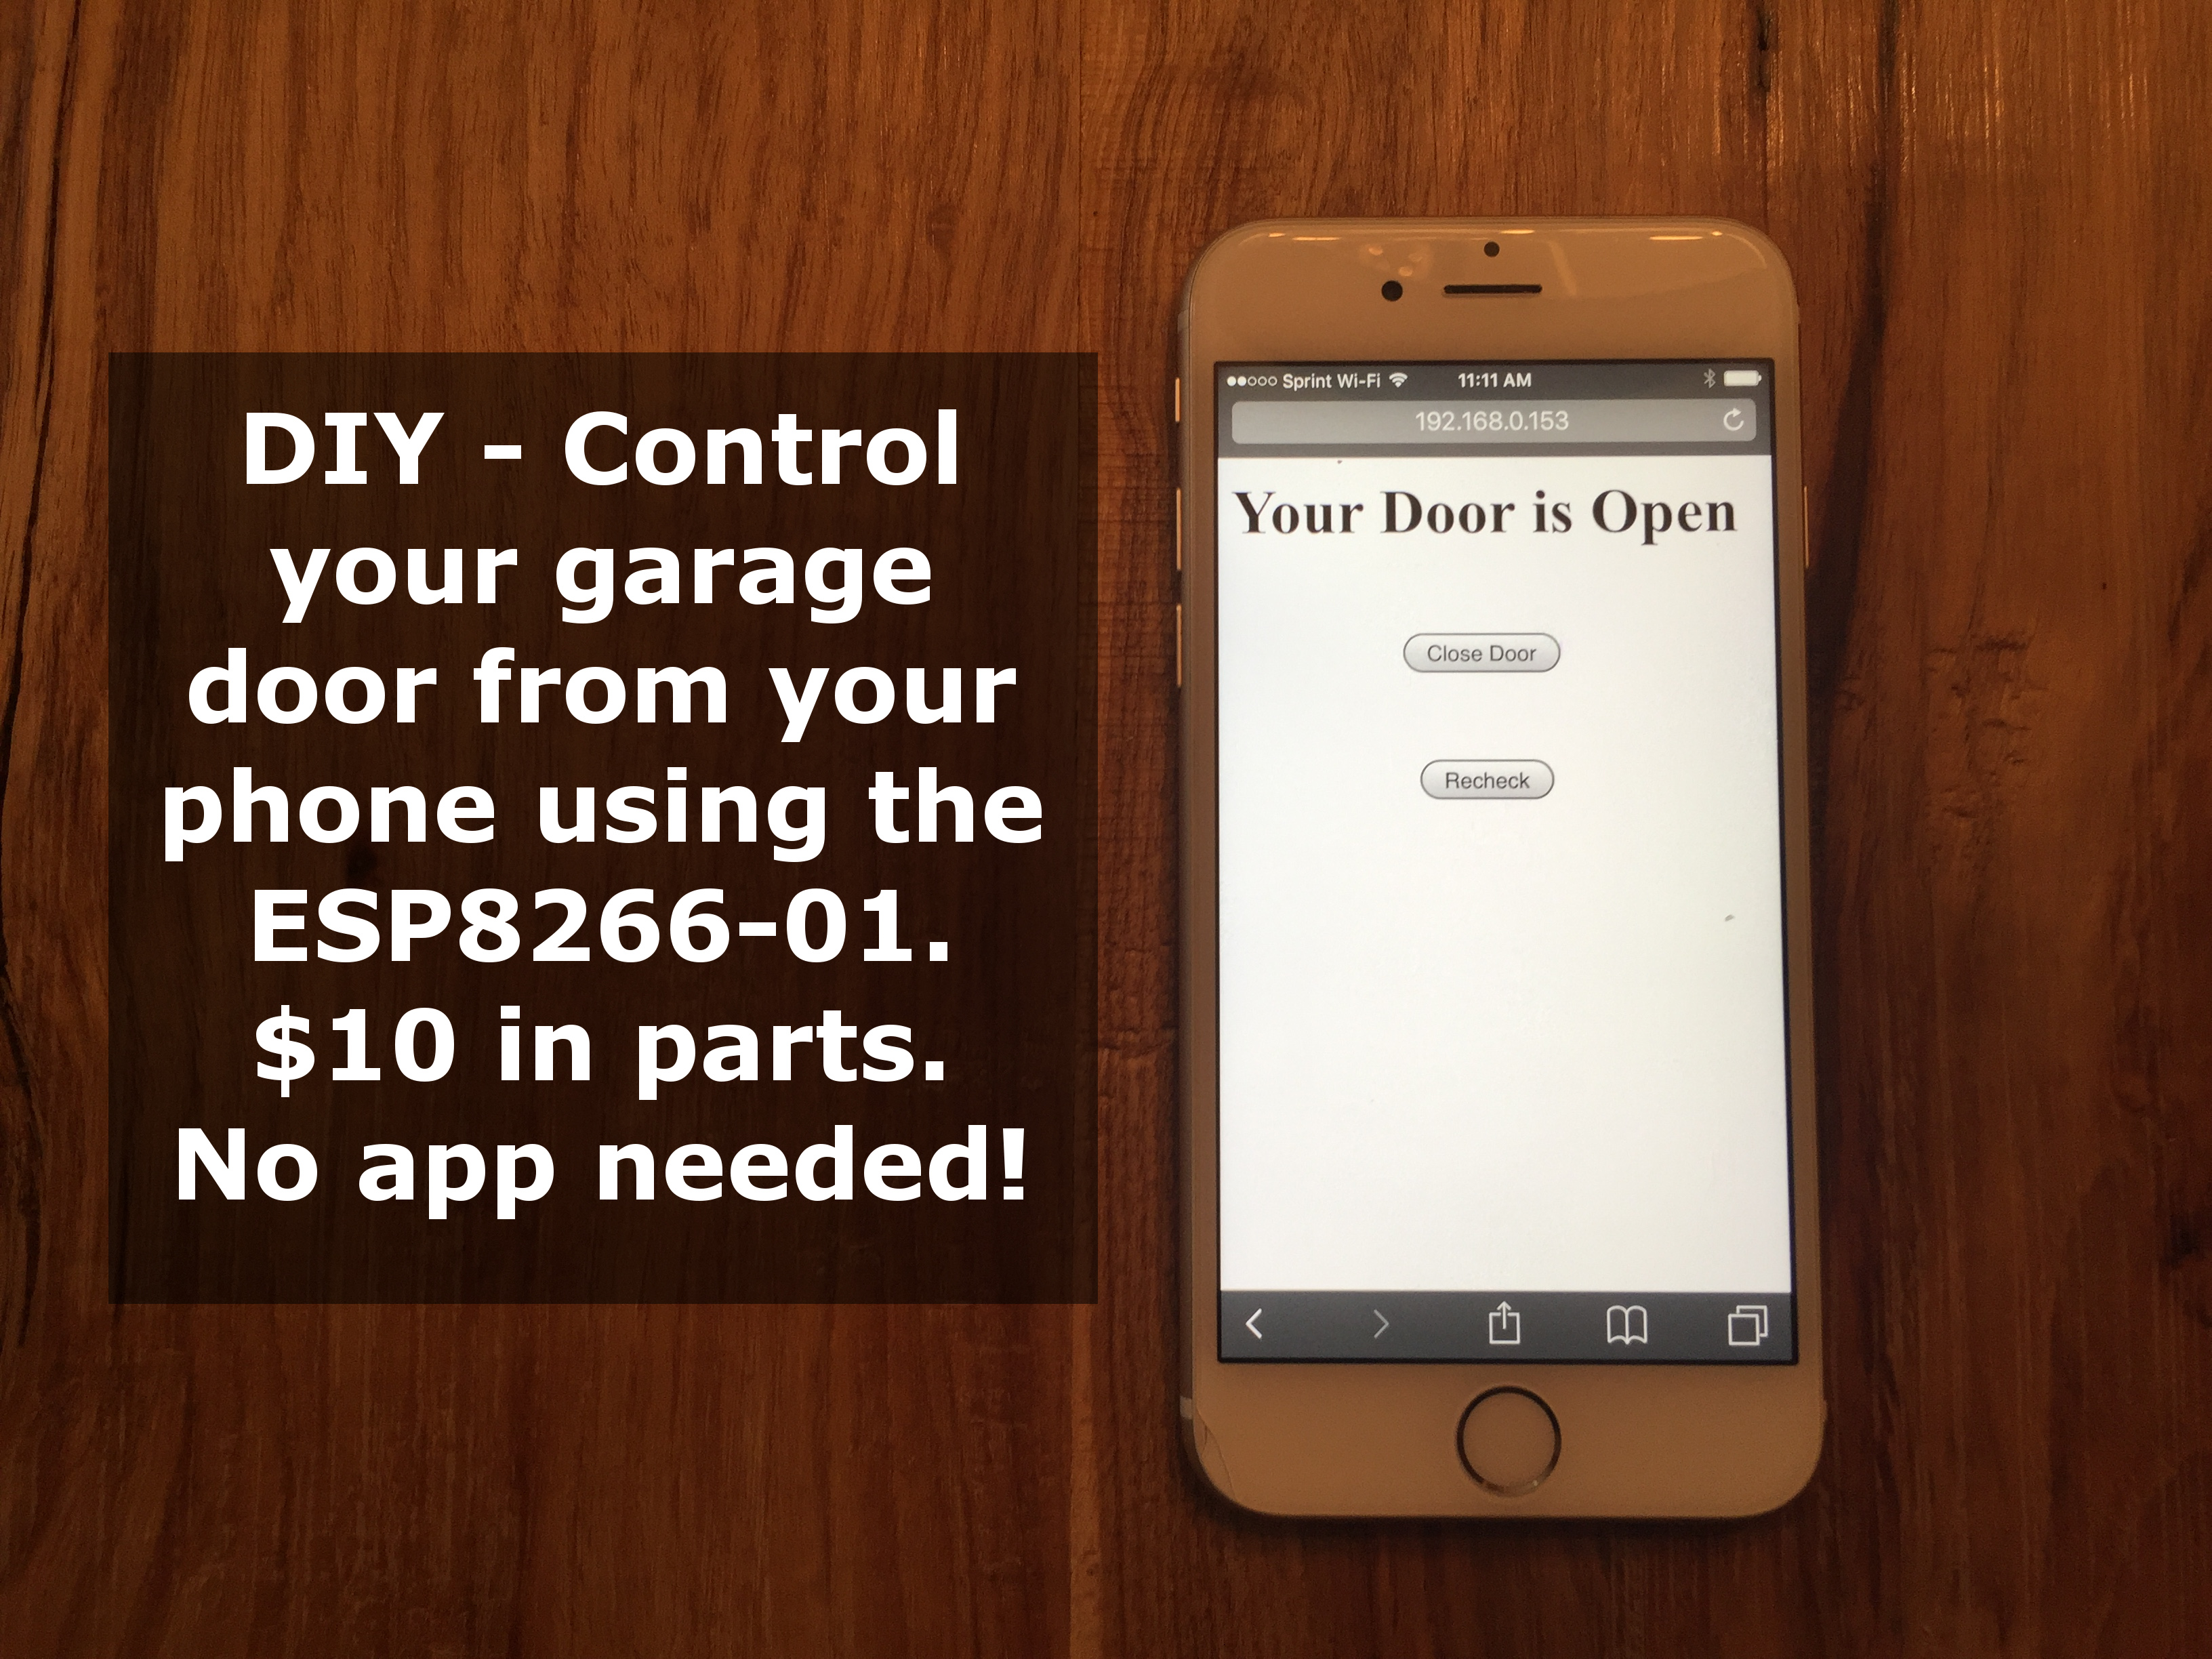 Picture of Smart Phone (WiFi) Controlled Garage Door Opener With ESP8266